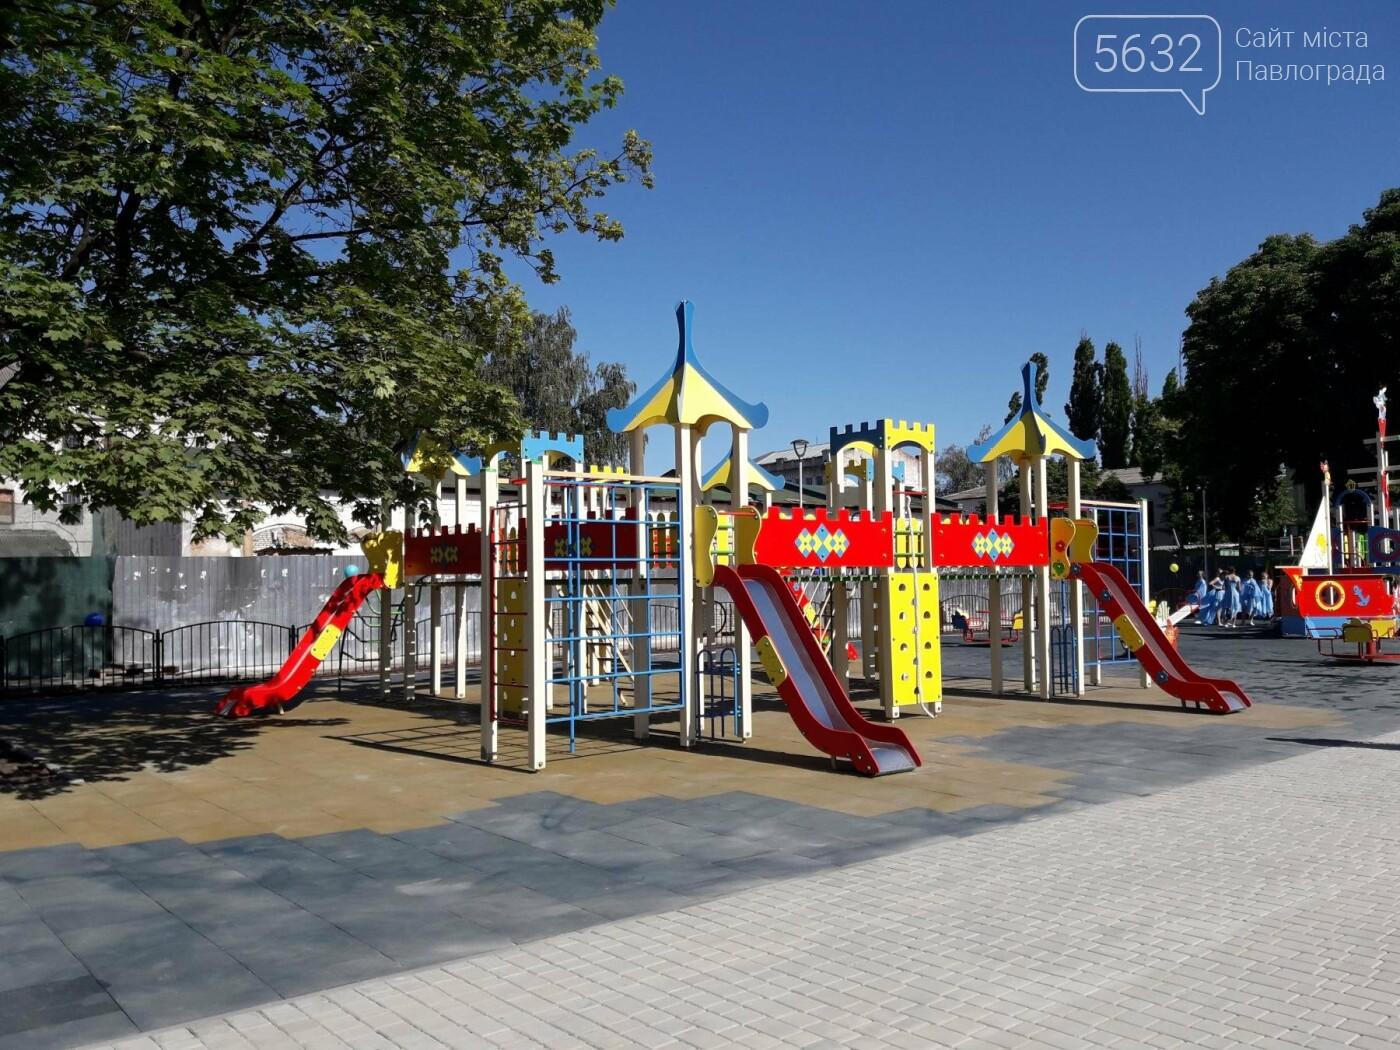 В Павлограде после реконструкции открыли Детский парк, фото-3